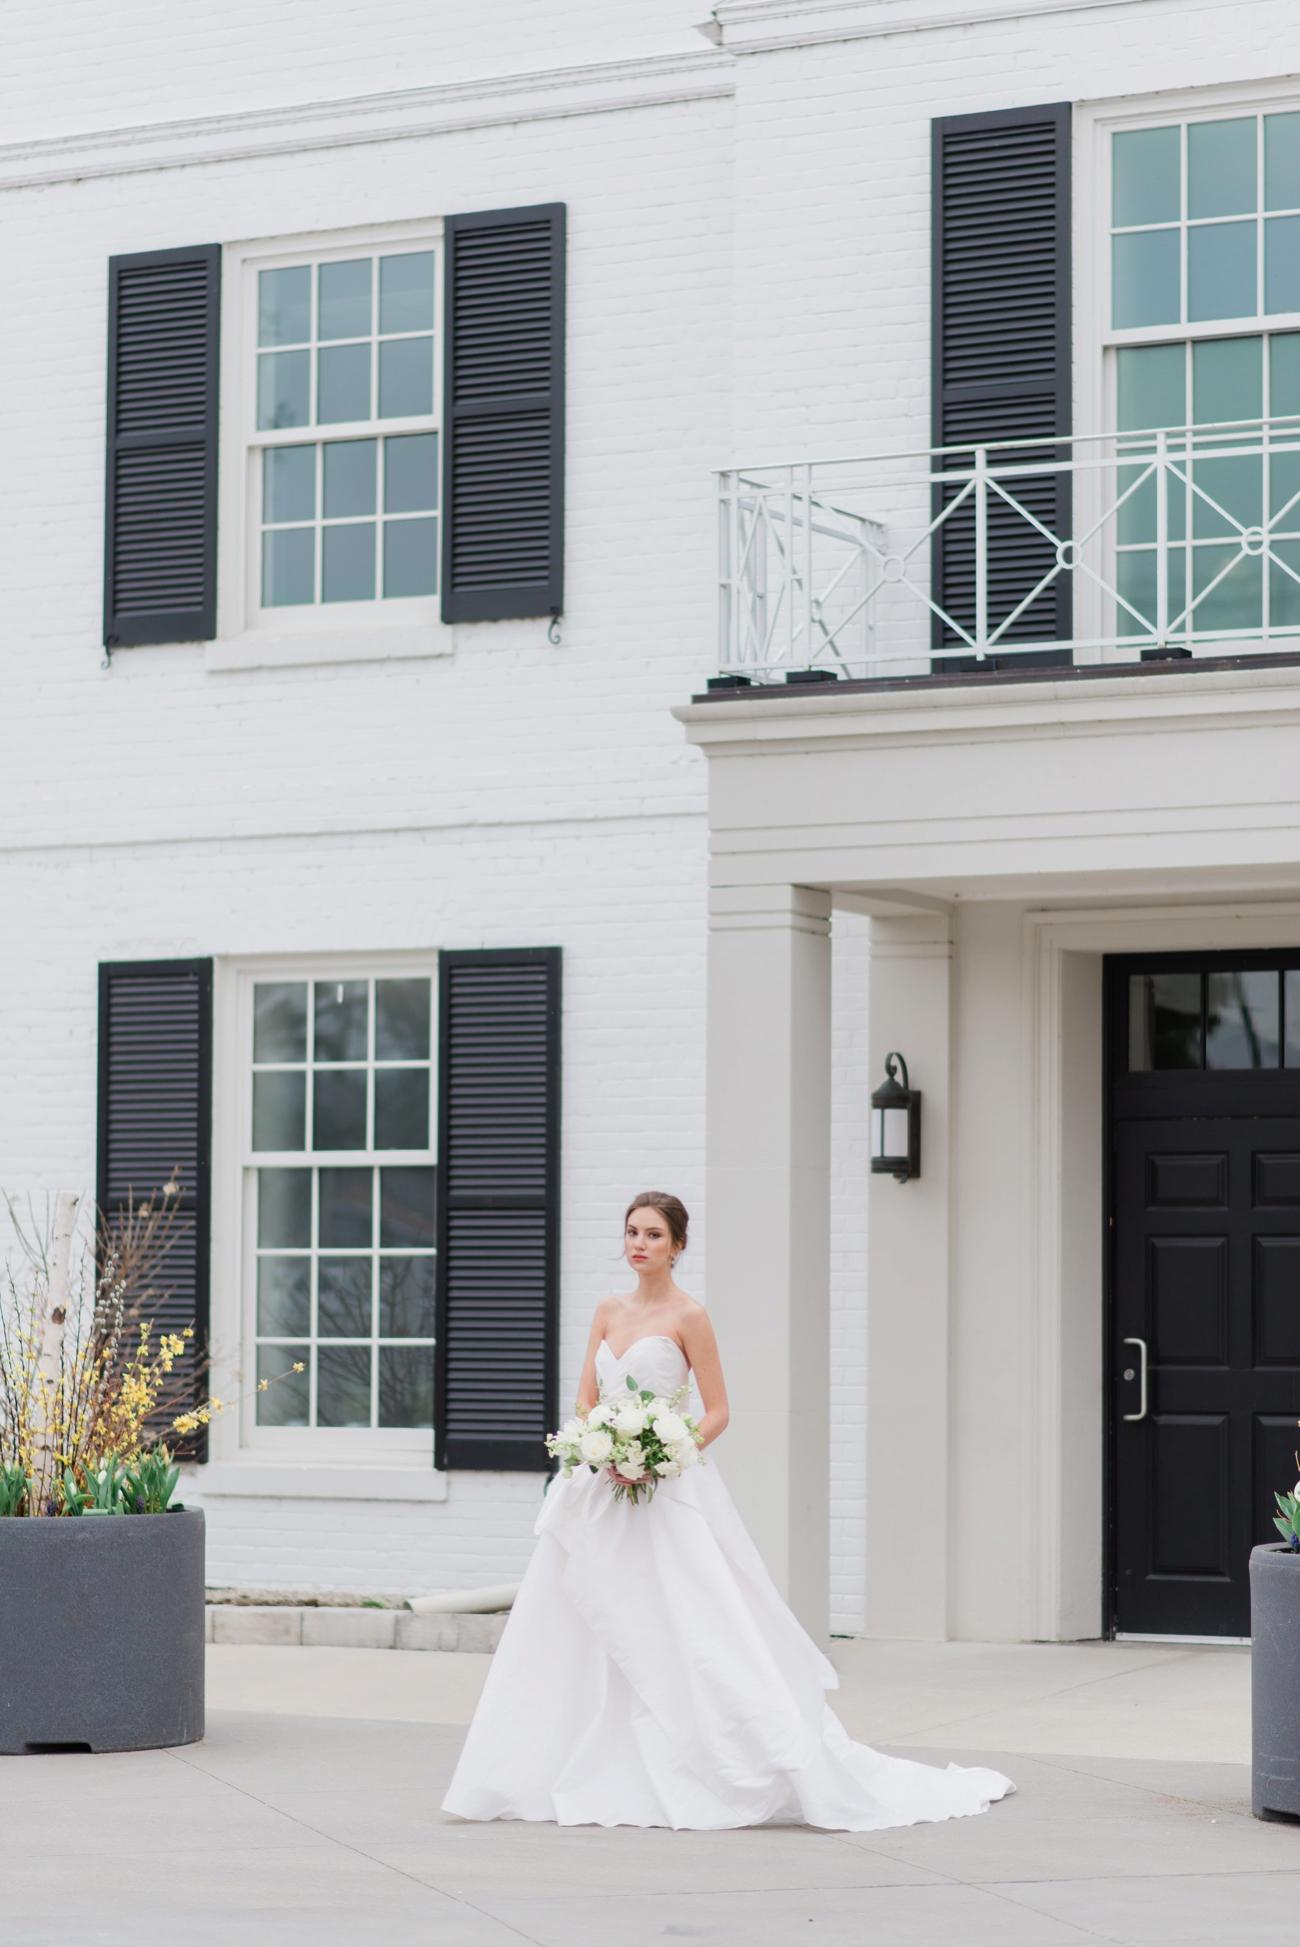 Harding-Waterfront-Estates-Wedding-PepStudio_0001.jpg